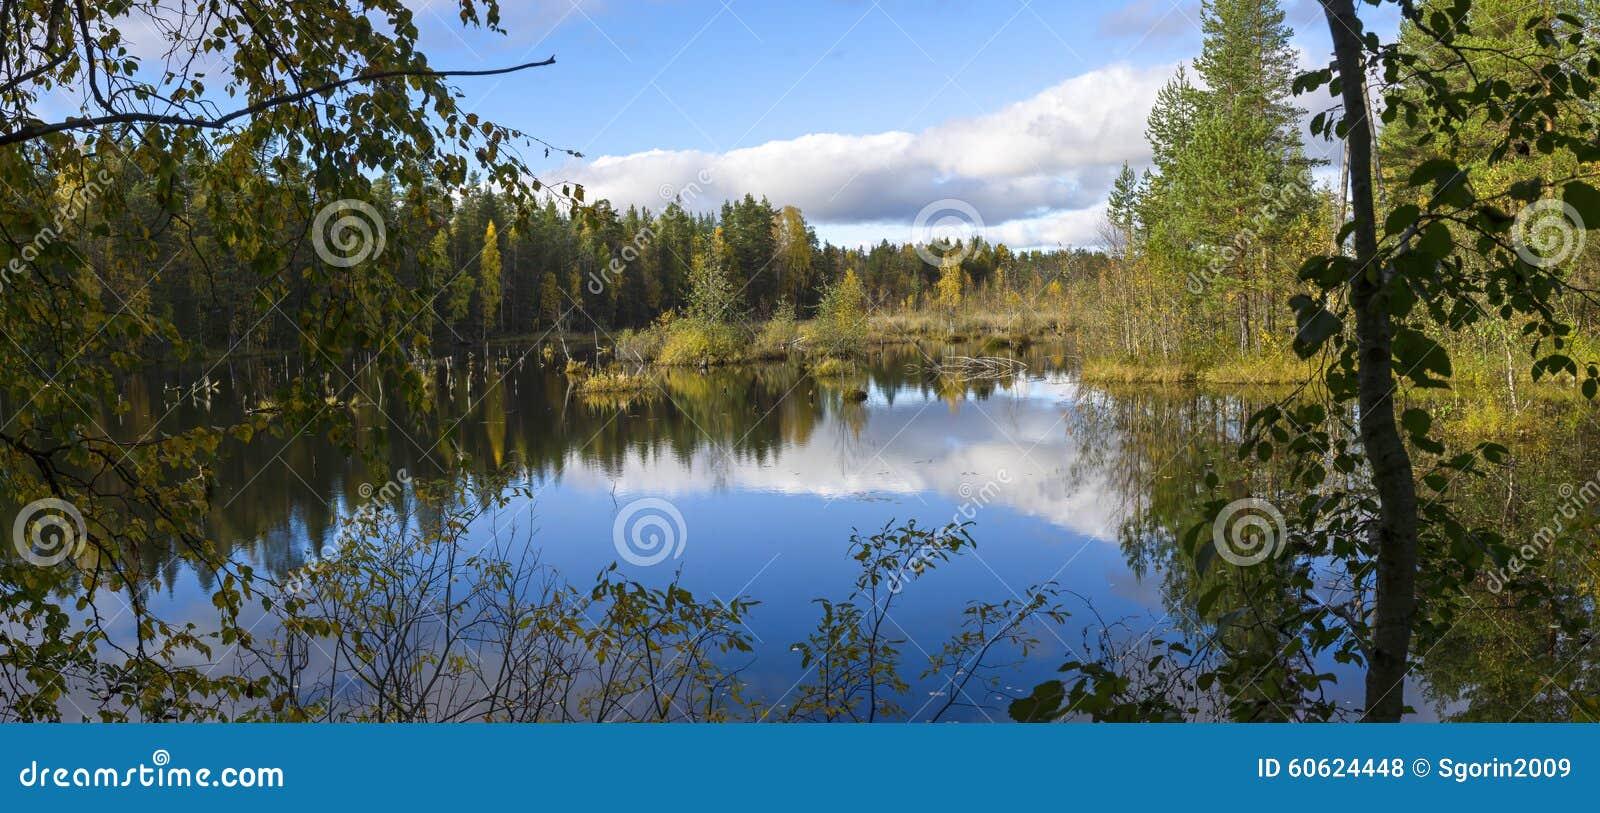 Beautiful swamp in nothern taiga